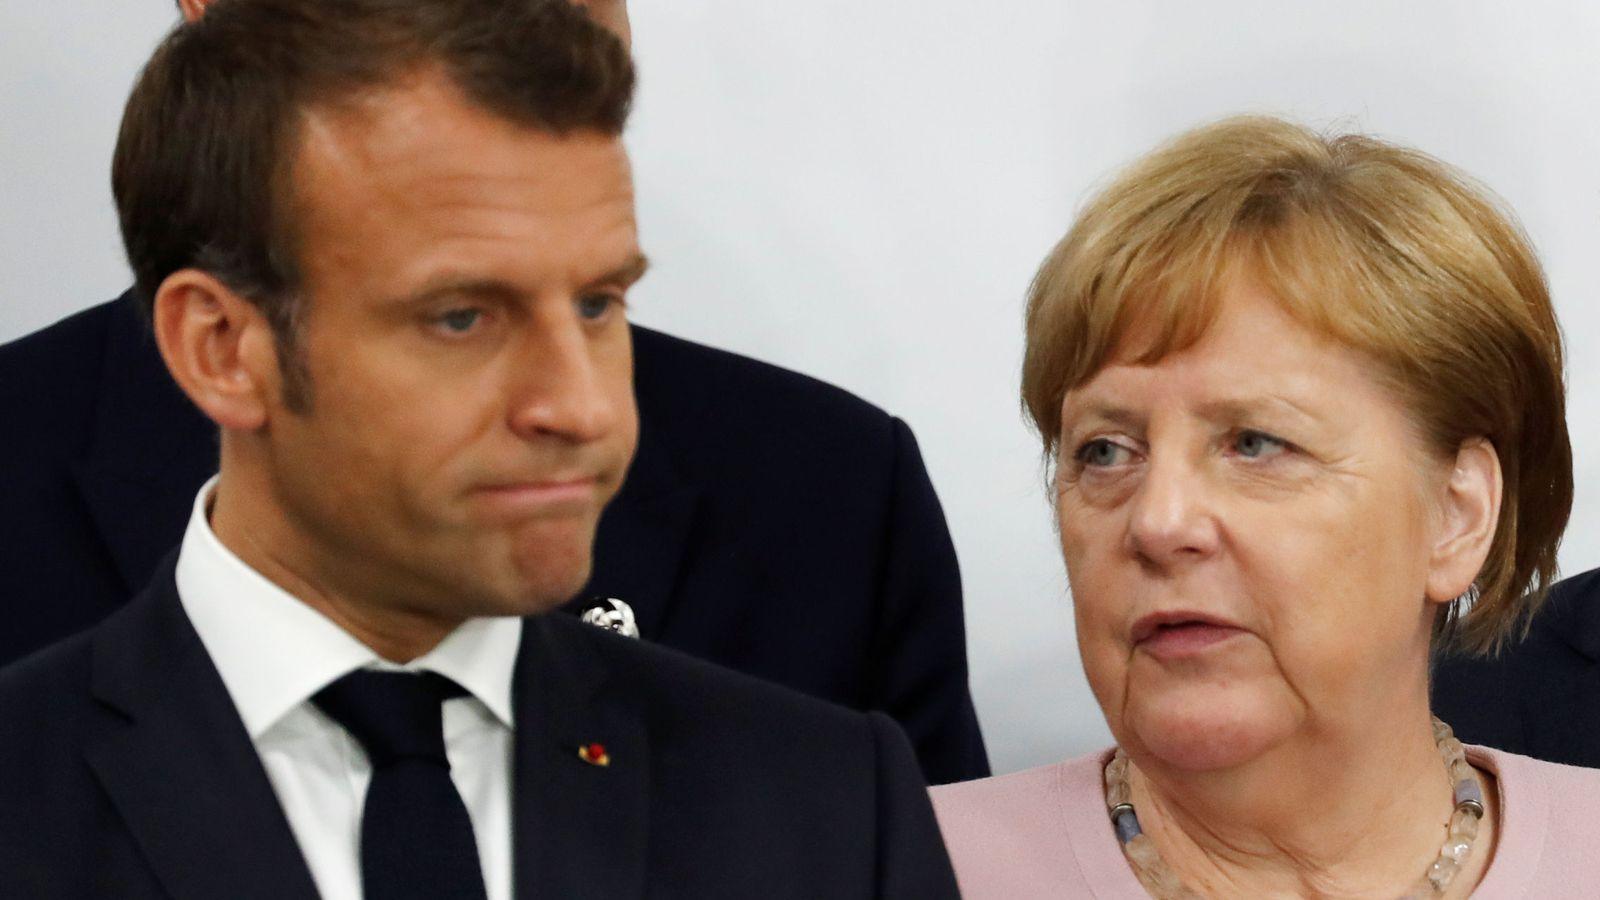 Foto: El presidente francés, Emmanuel Macron, y la canciller Angela Merkel durante una rueda de prensa en el G-20 de Osaka. (Reuters)